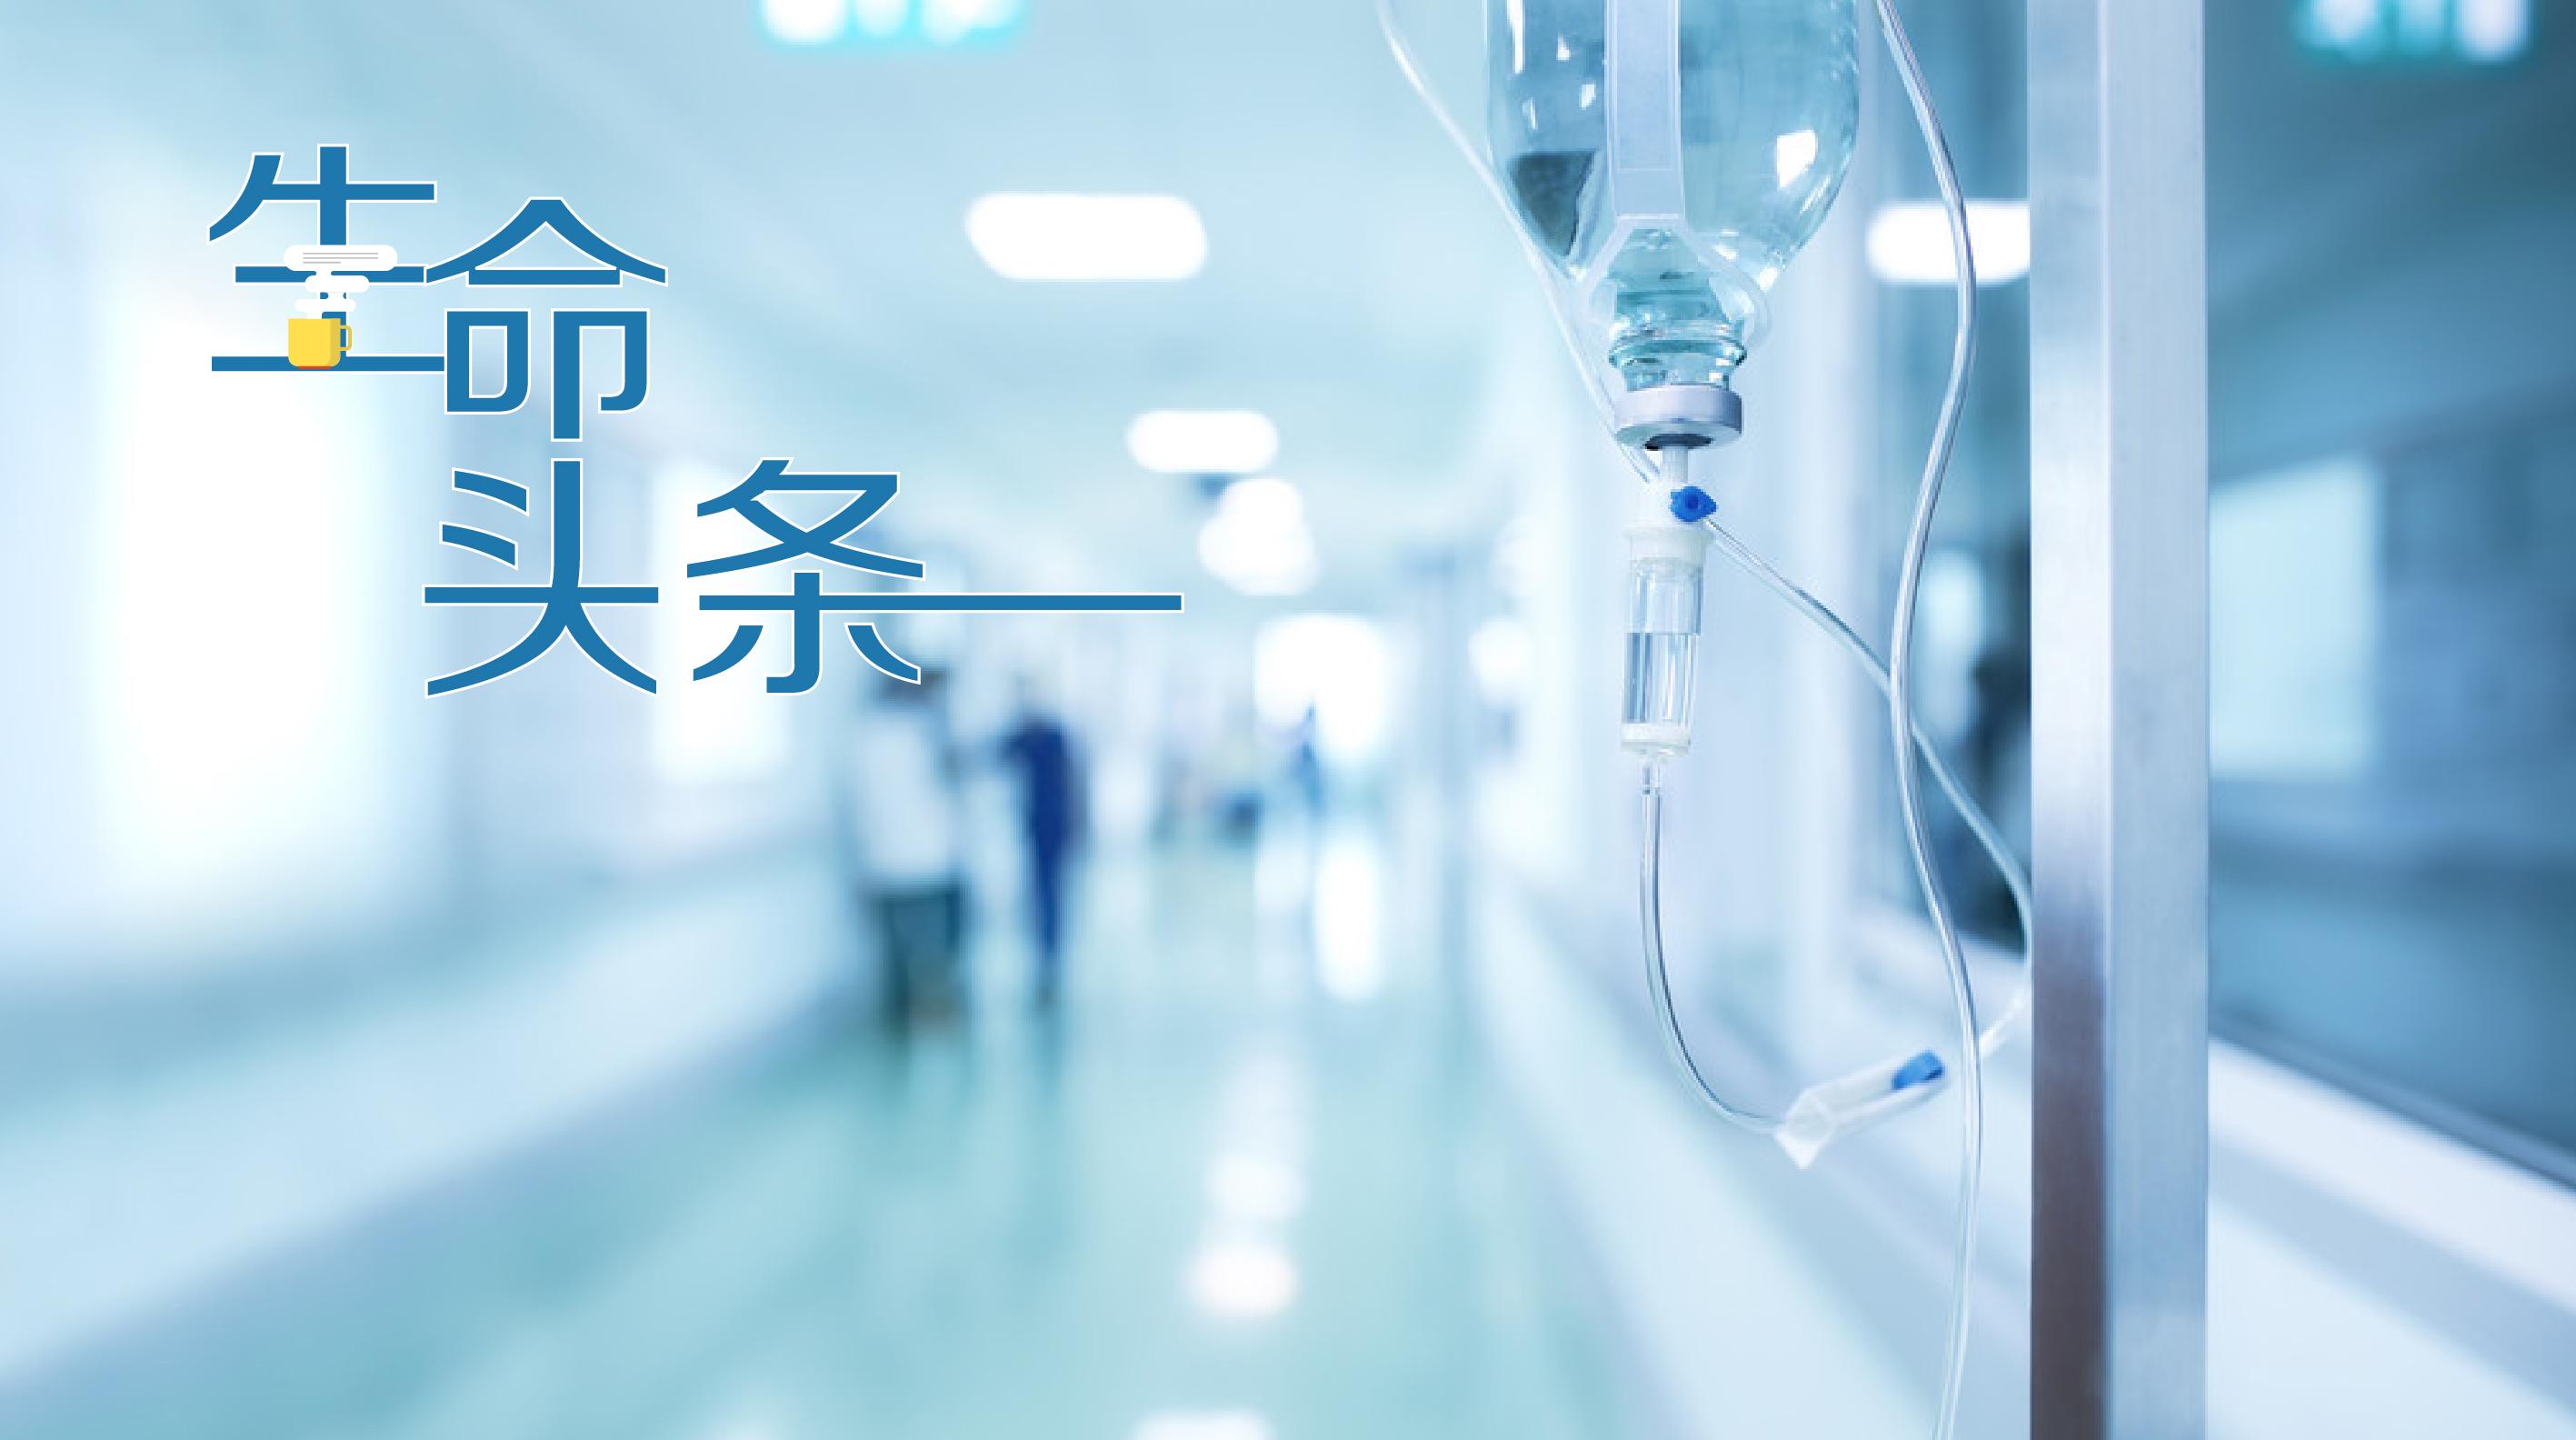 15%入院患者遭遇院内感染!目前仍是全球难题